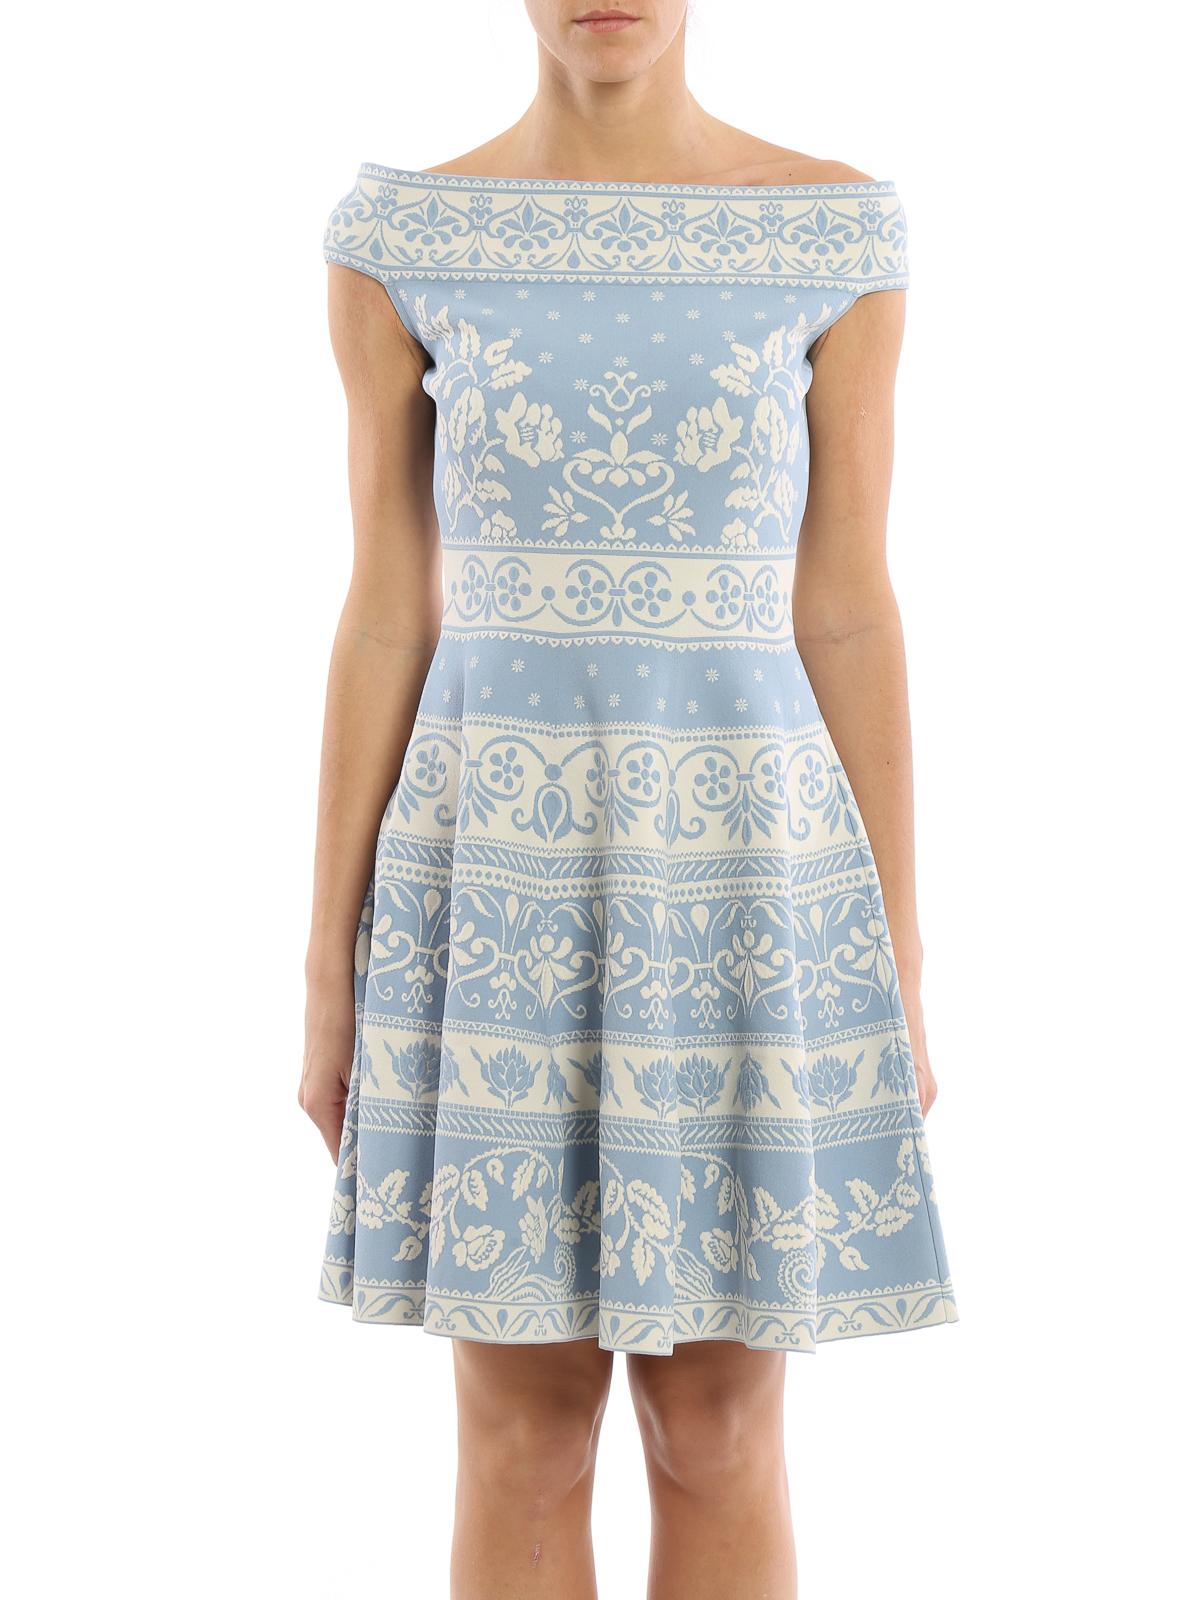 Jacquard short dress Alexander McQueen udYoSqCD